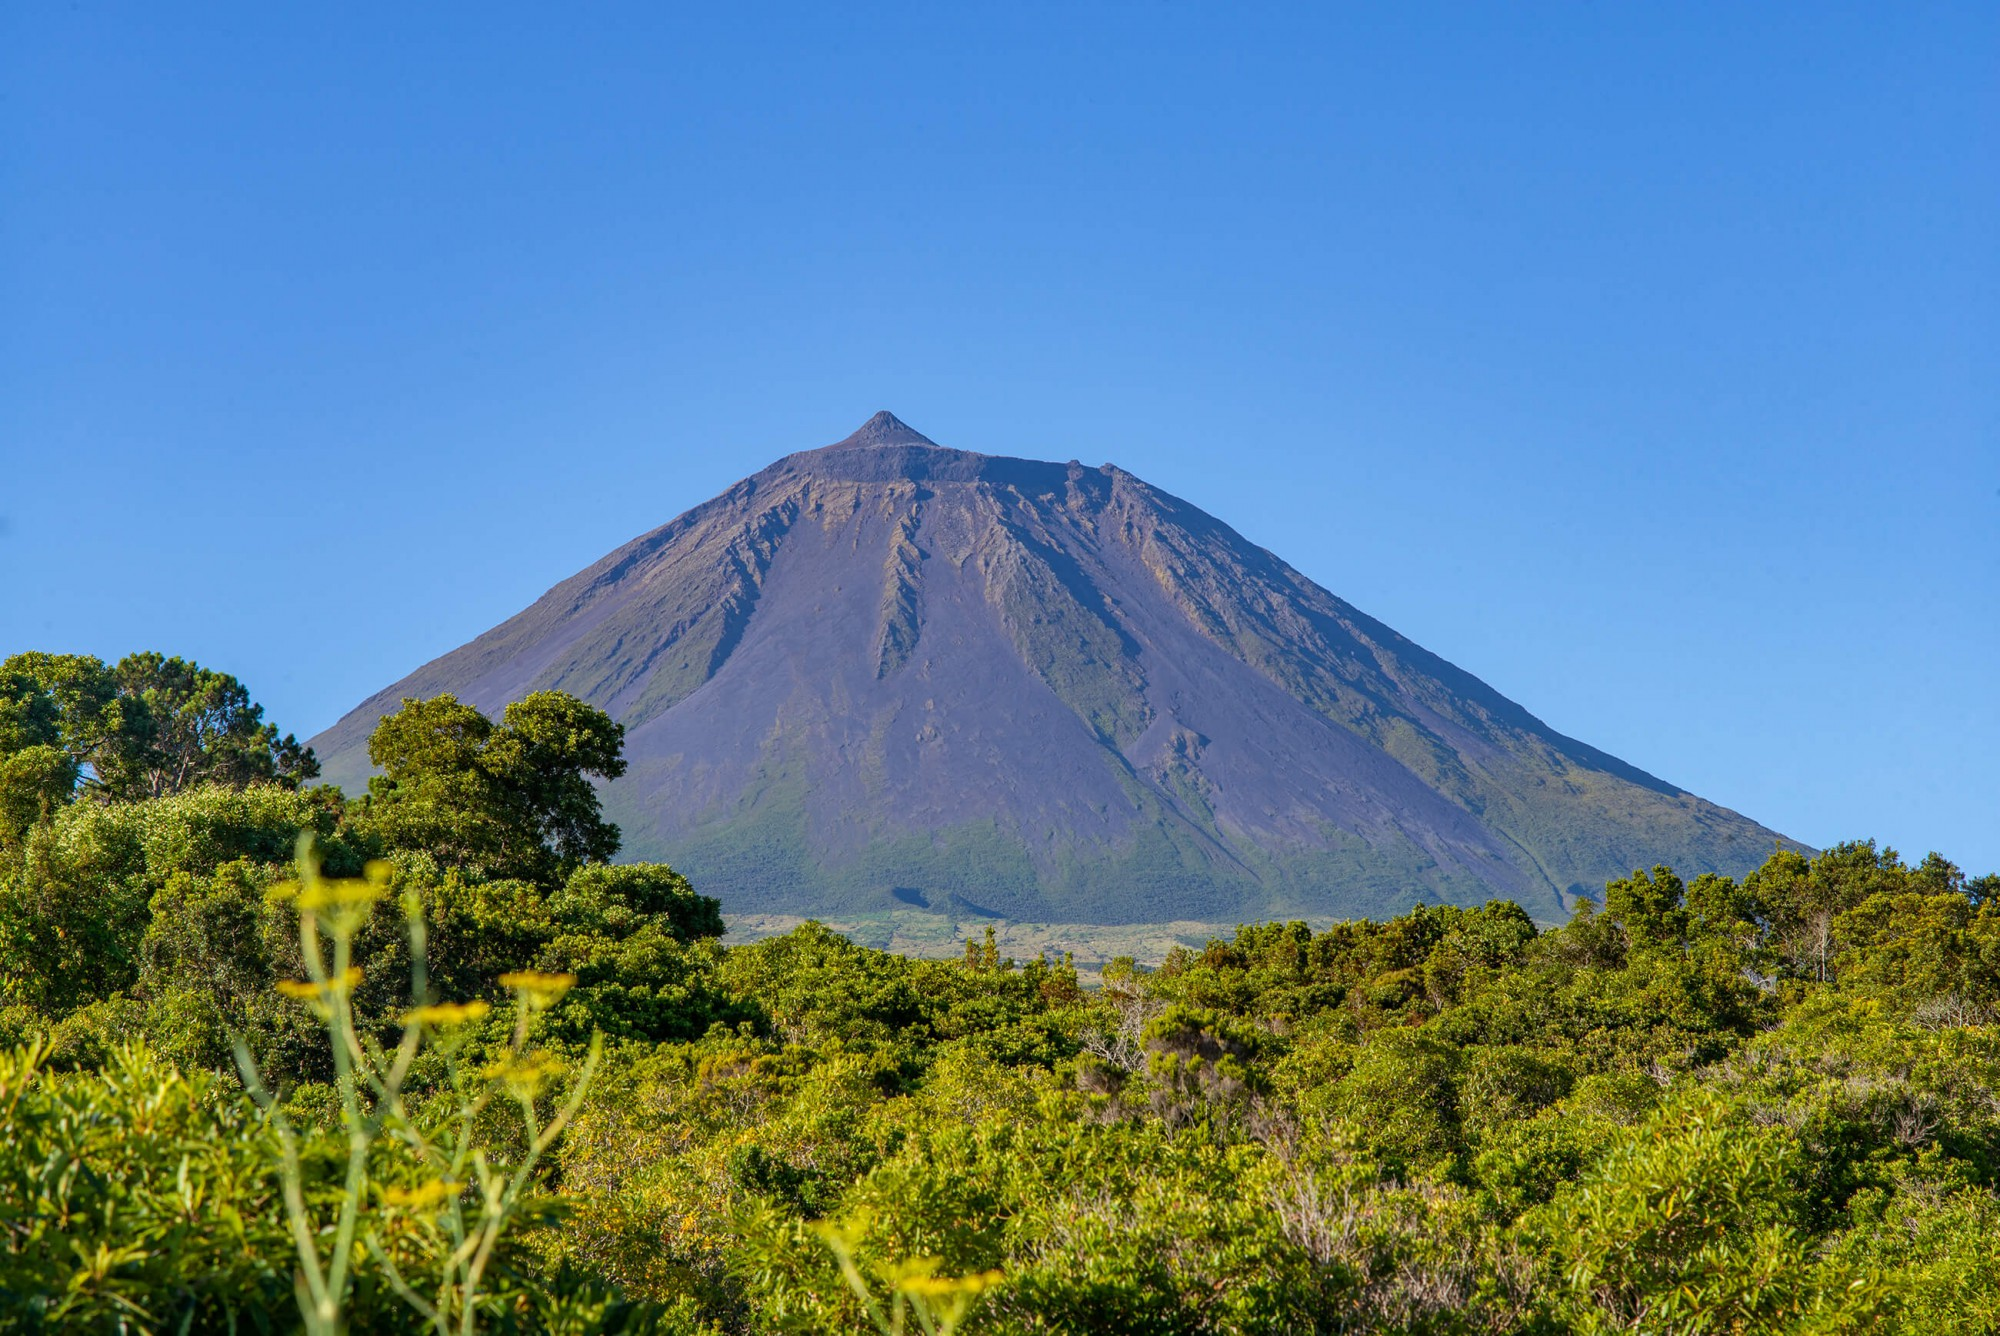 Pico je ostrov tří nej: největšího množství velryb, nejlepšího vína a nejvyšší sopky